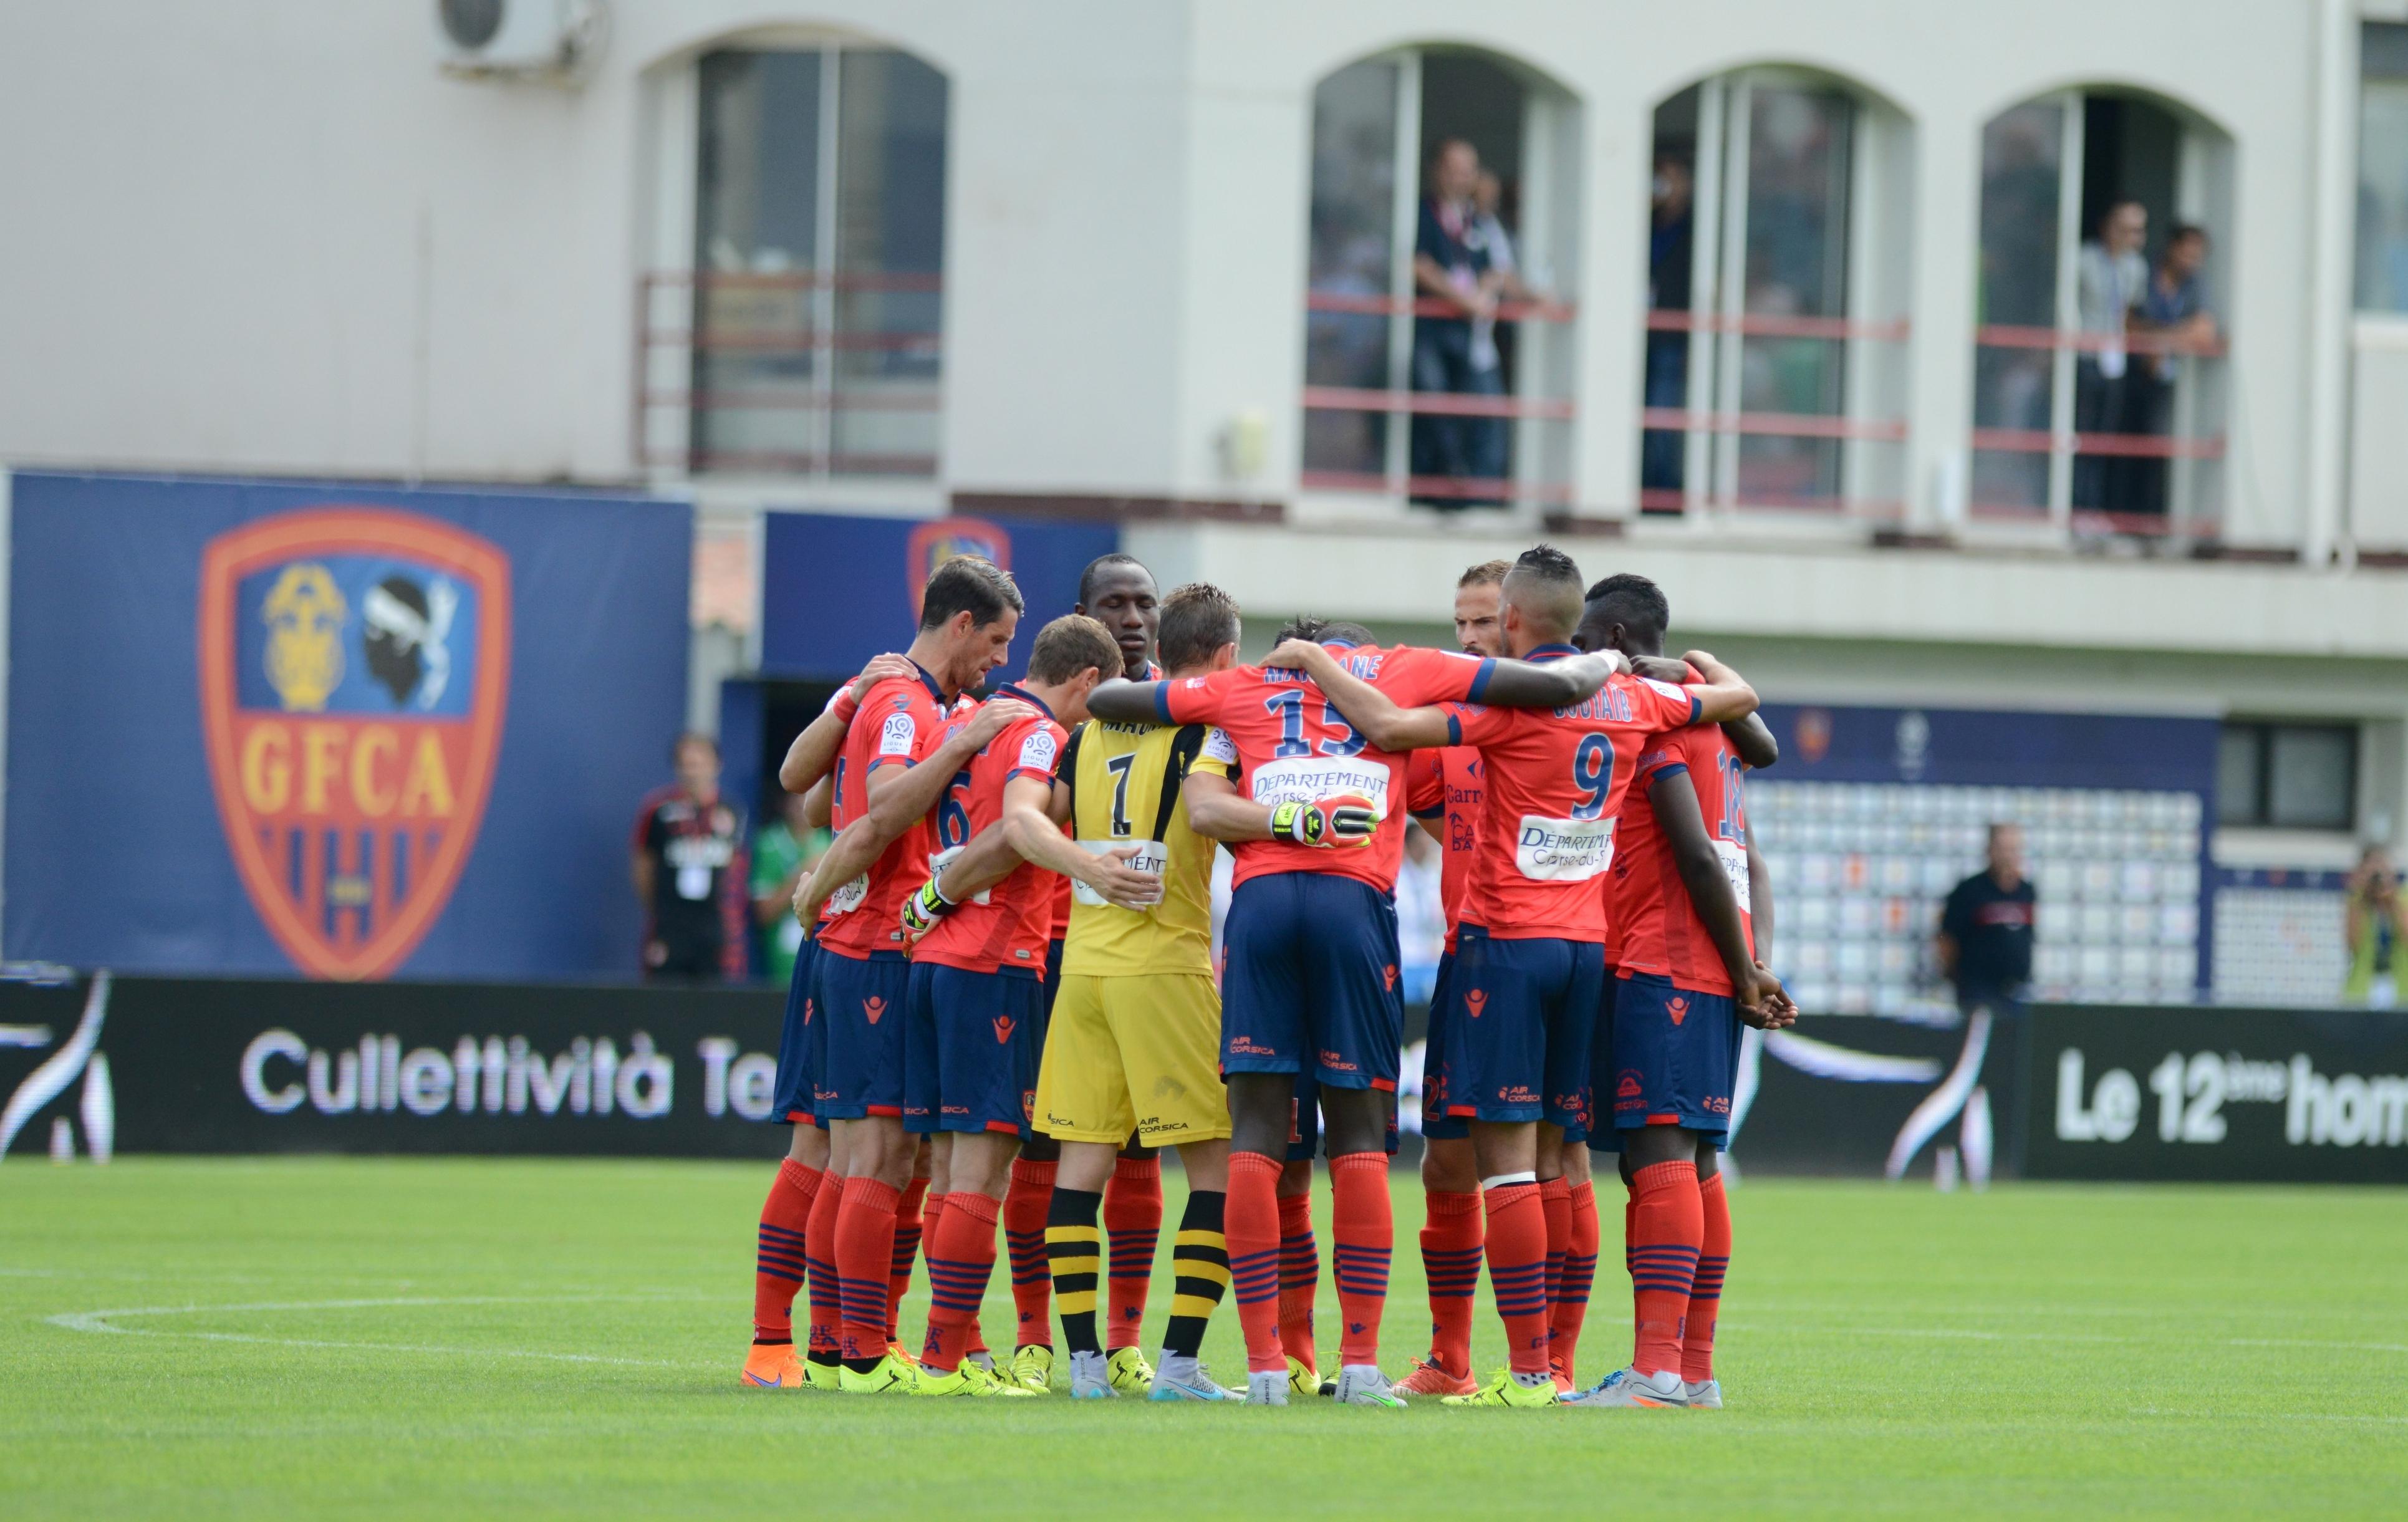 GFCA-Troyes à Mezzavia  : Un seul objectif, la victoire !